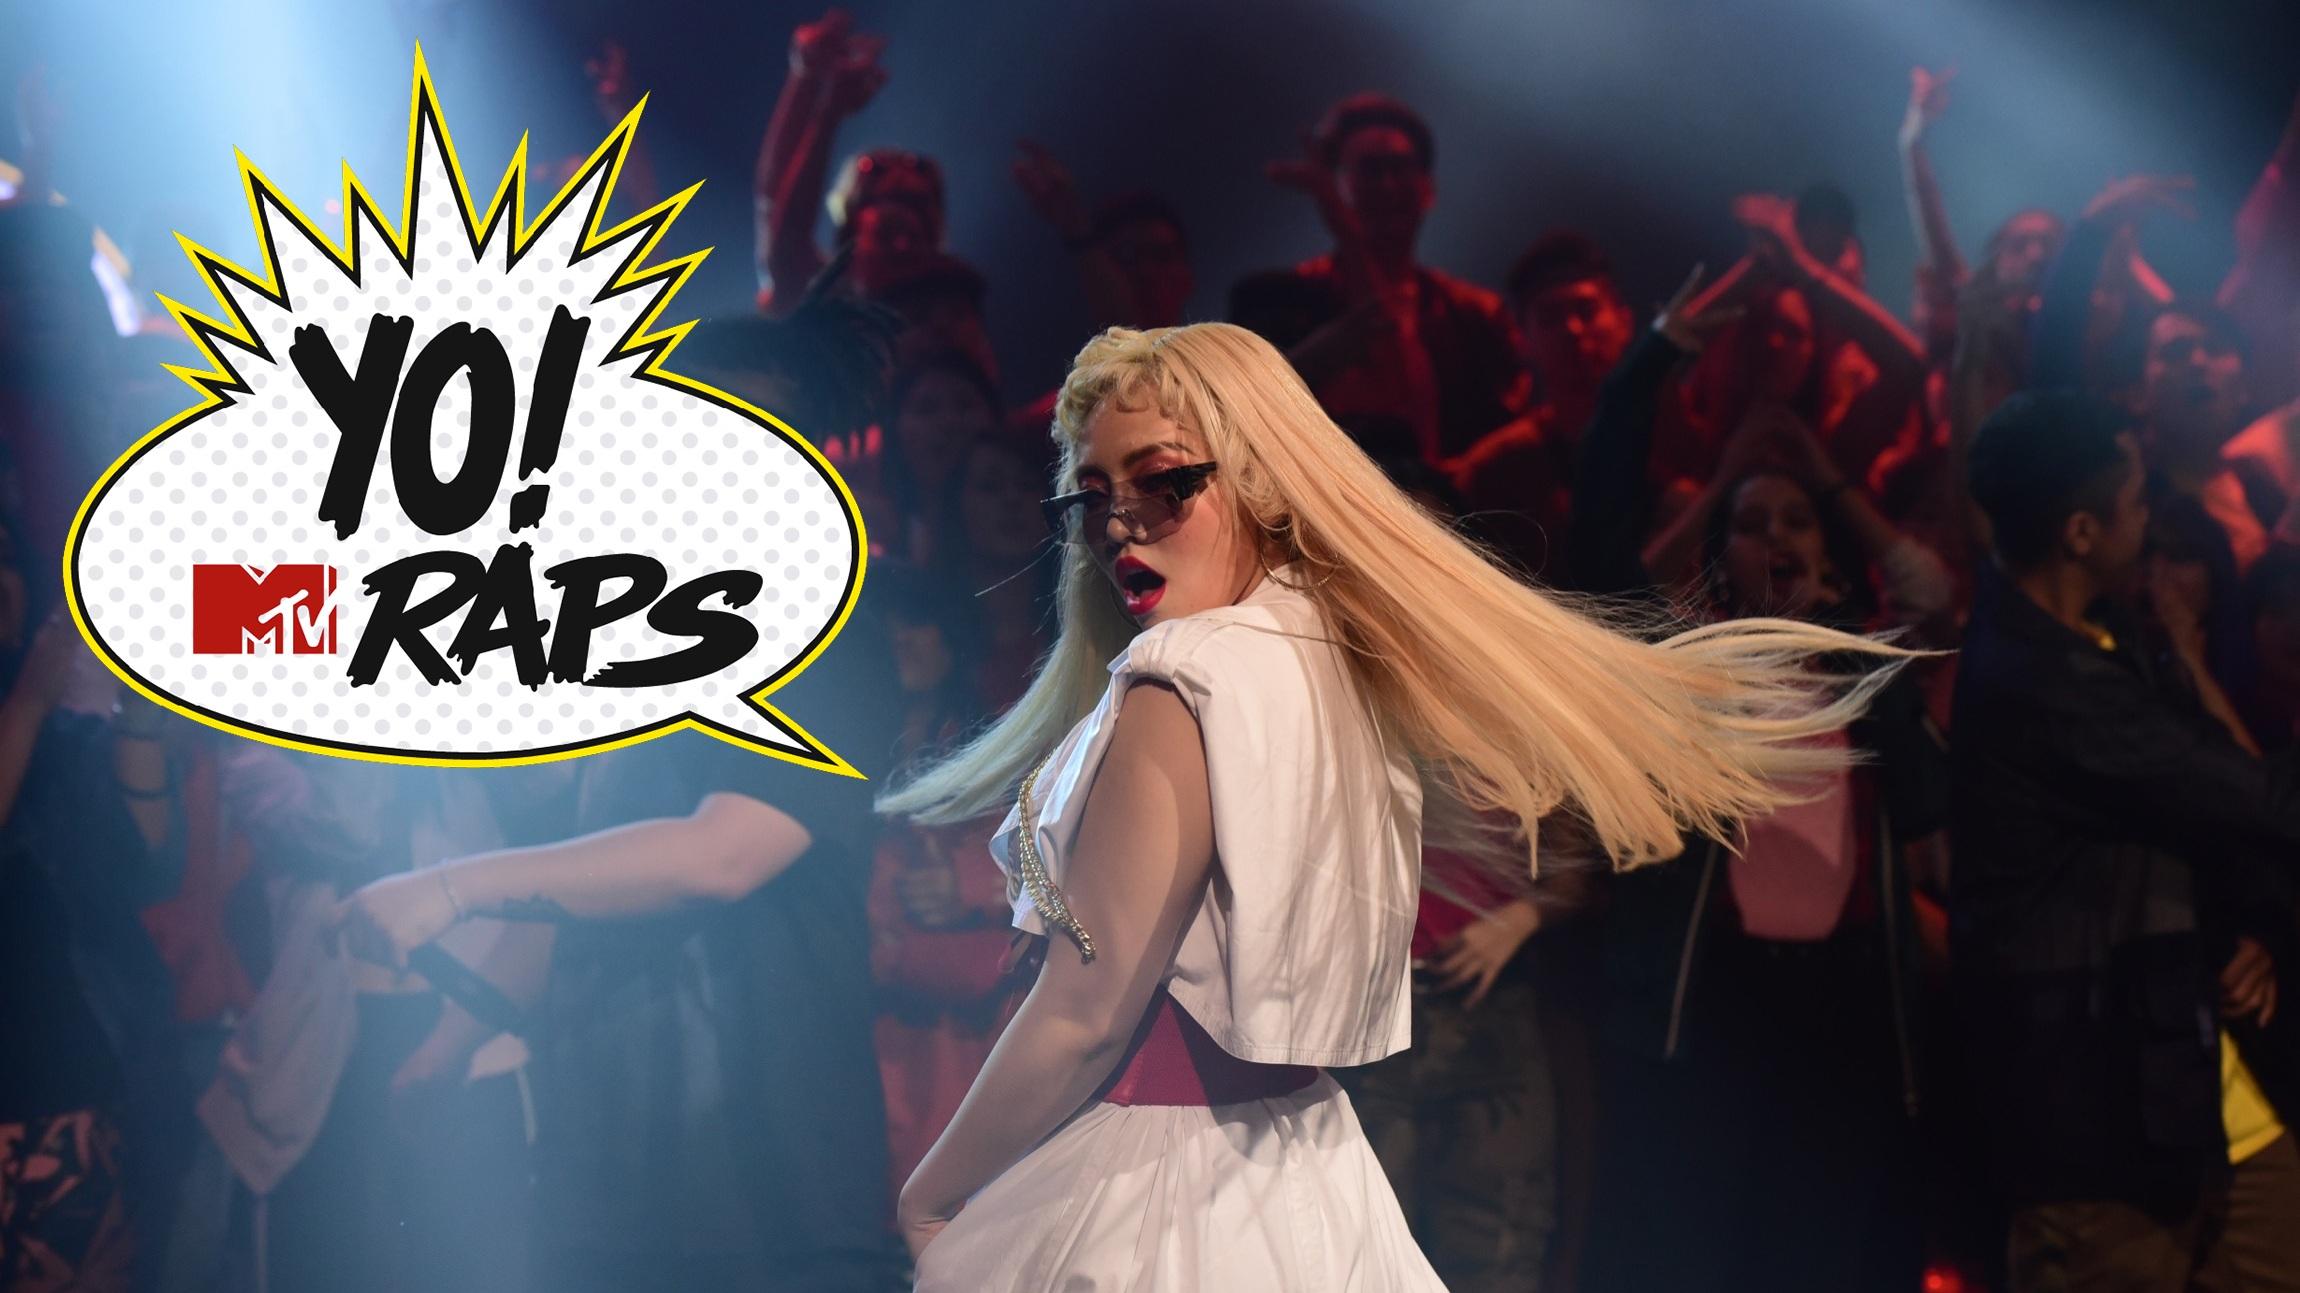 YO! MTV RAPS SEASON 1 / 2019 / TV Series